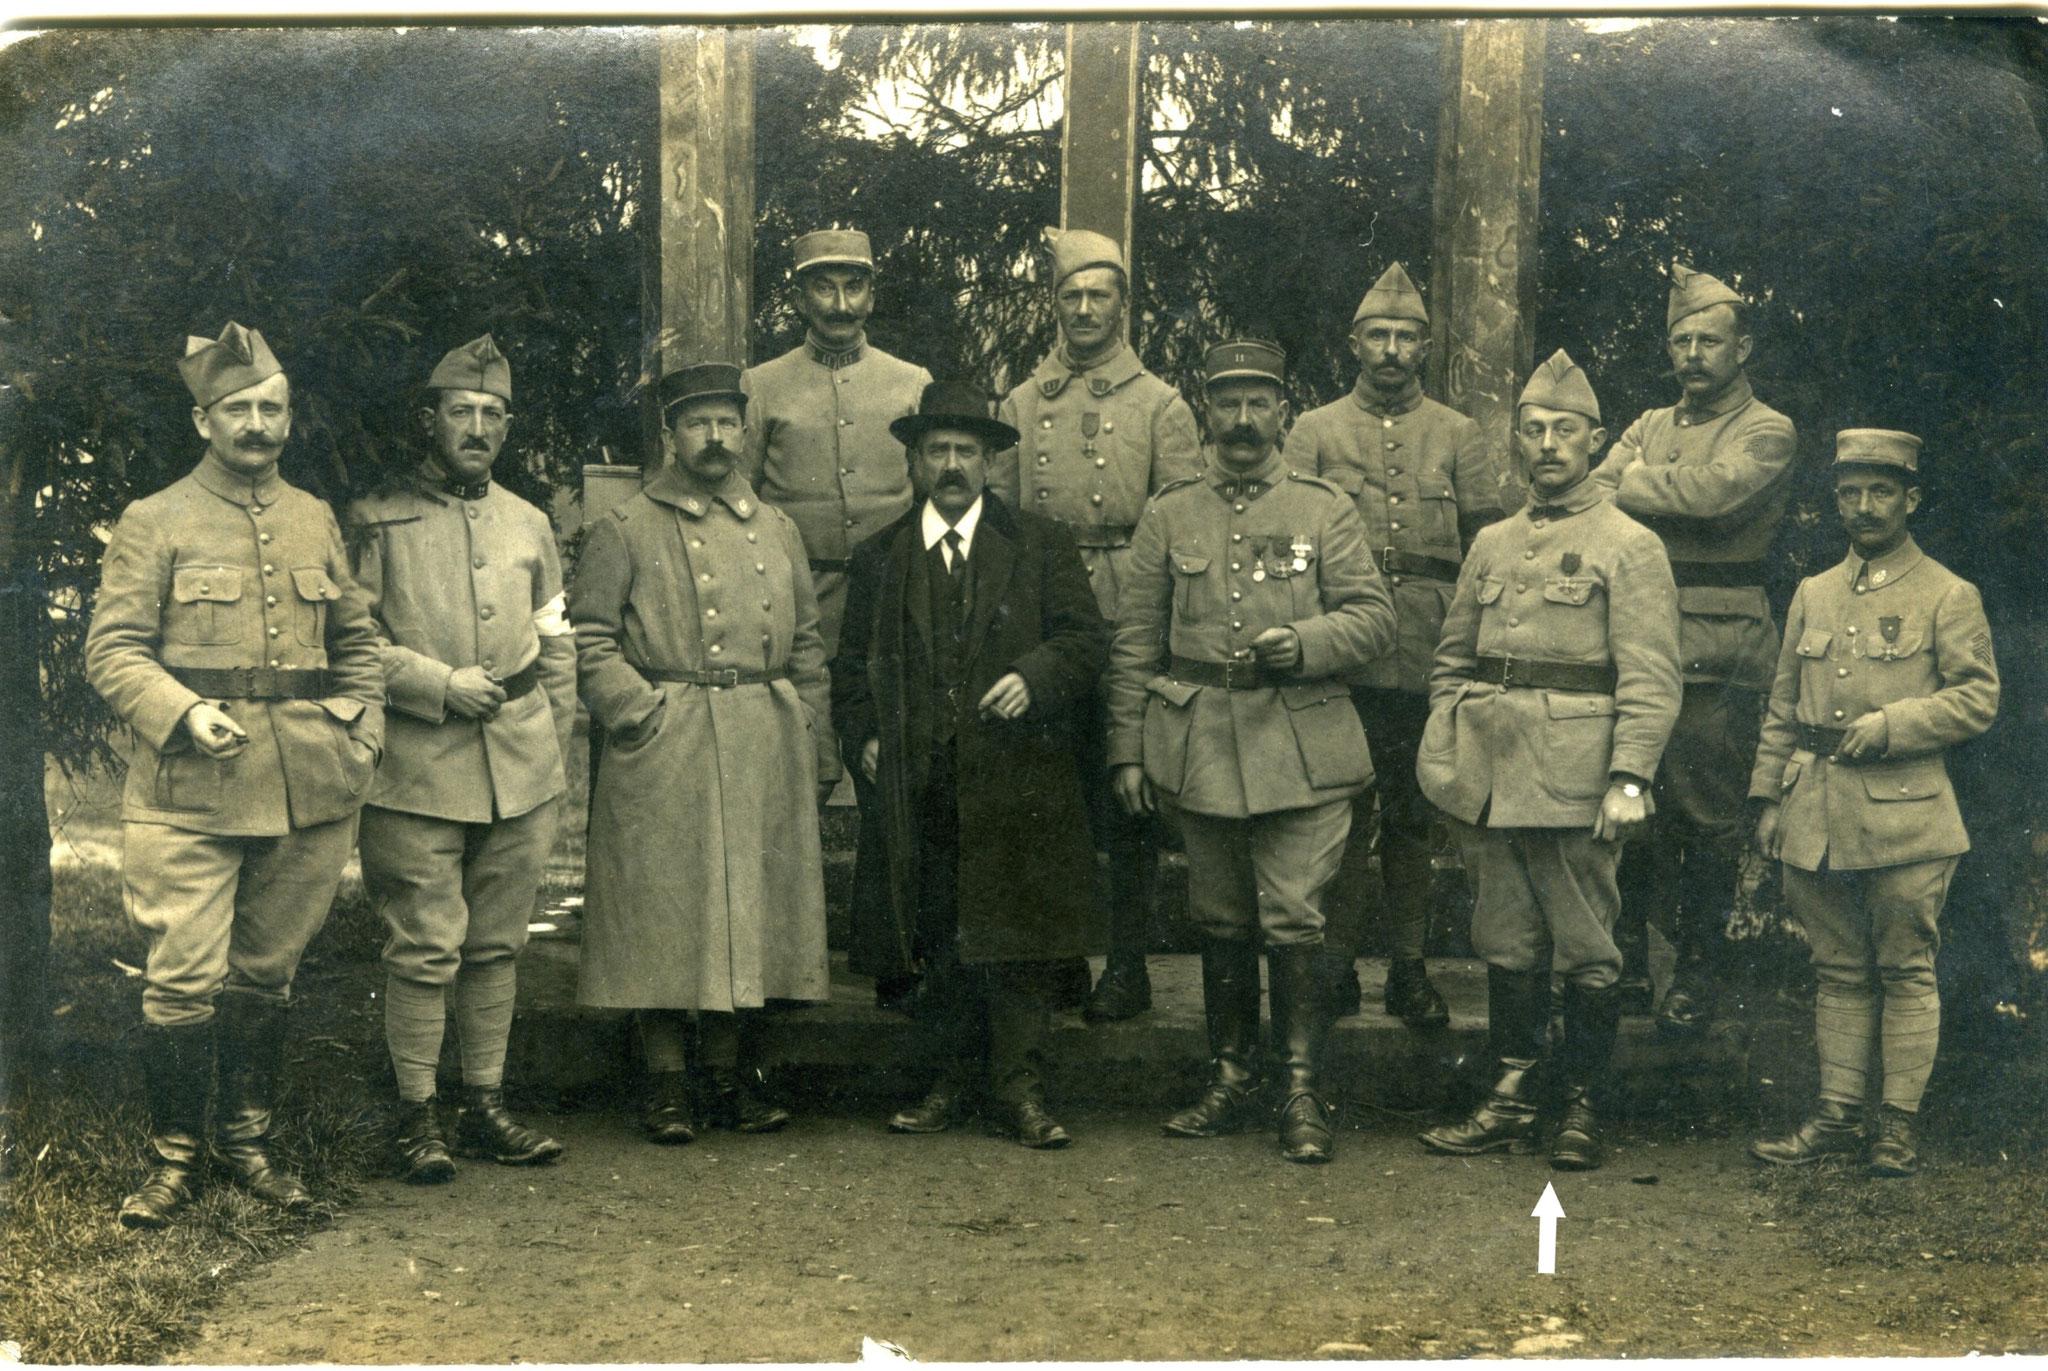 Fait à Wiltz (Grand-Duché de Luxembourg) fin 1918, au-dessus de la flèche blanche Francis COQUIL.  Il se peut que la personne en civil soit le médecin principal THORIS du 11ème CA qui lui a remis la médaille du mérite.